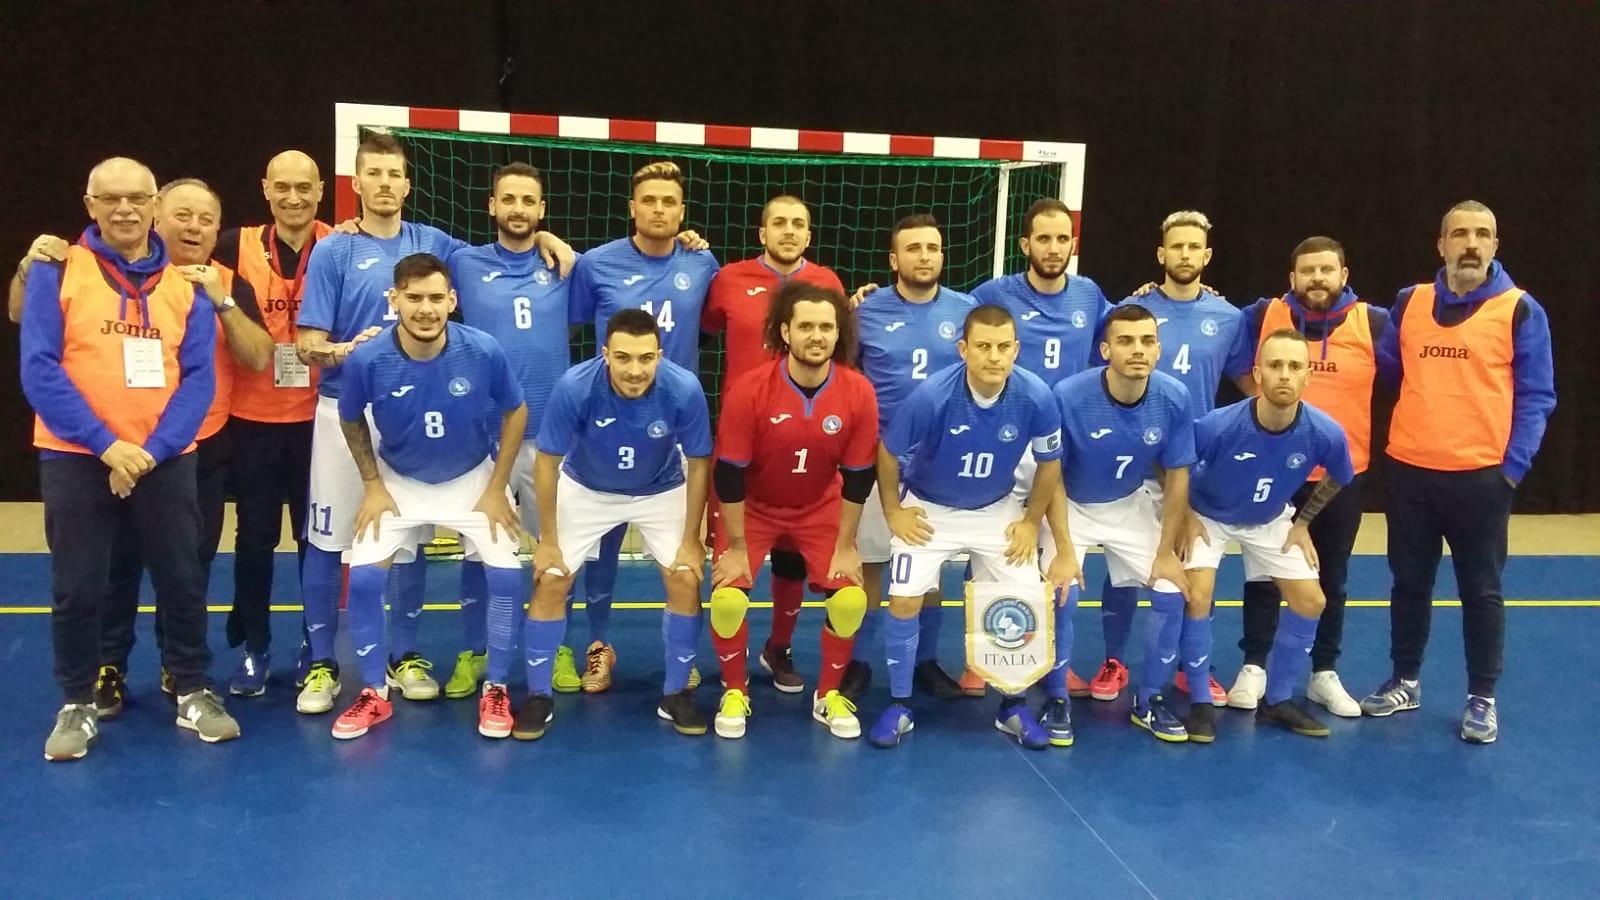 5° Campionato Europeo di Futsal a Tampere. Italia vs Finlandia 4-0